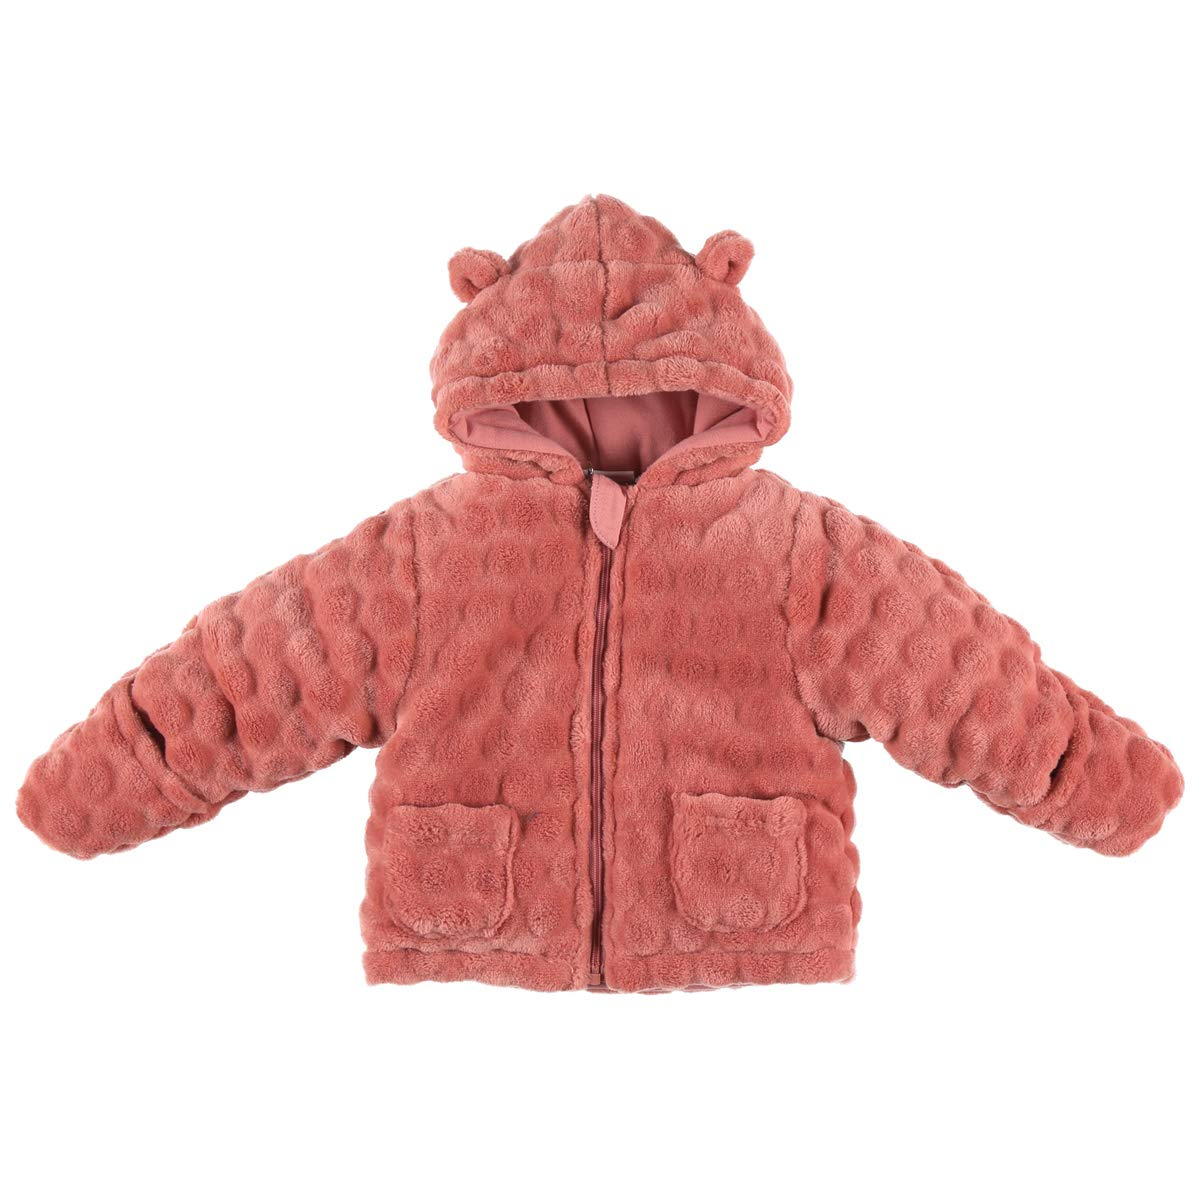 Noukie's Noukies - Veste en Groloudoux moufles intégrées - Bébé Fille